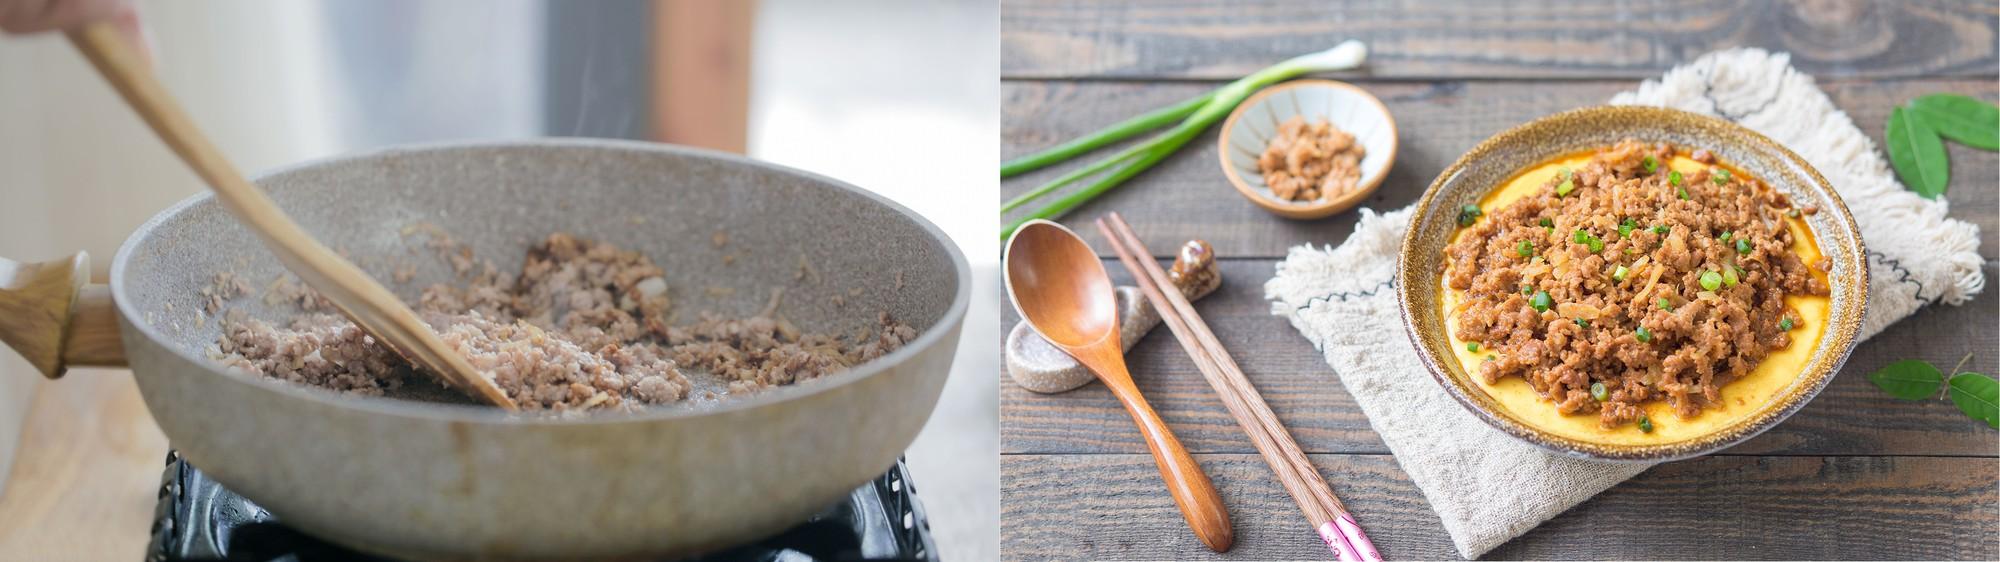 Thành phẩm:  Trứng hấp thịt băm là một món ăn đơn giản ngon miệng thích hợp cho trẻ em và người già. Món ăn đem lại vị mềm mượt của trứng lại có vị đậm đà của thịt xào. Đây là món ăn mặn thích hợp chế biến hàng ngày.